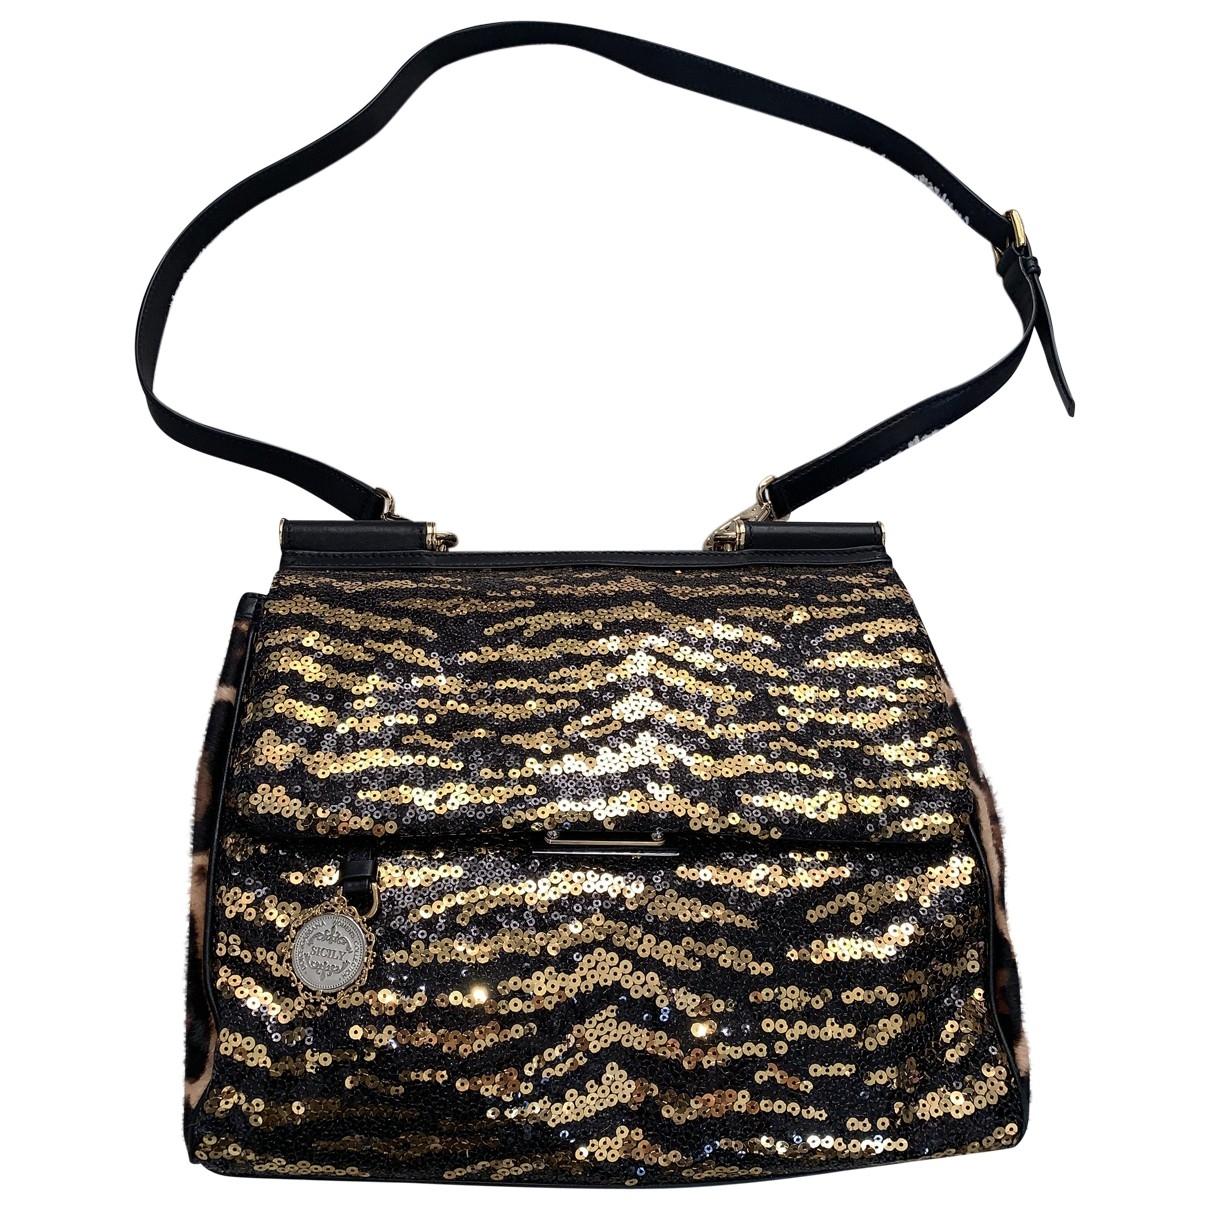 Dolce & Gabbana Sicily Glitter handbag for Women \N